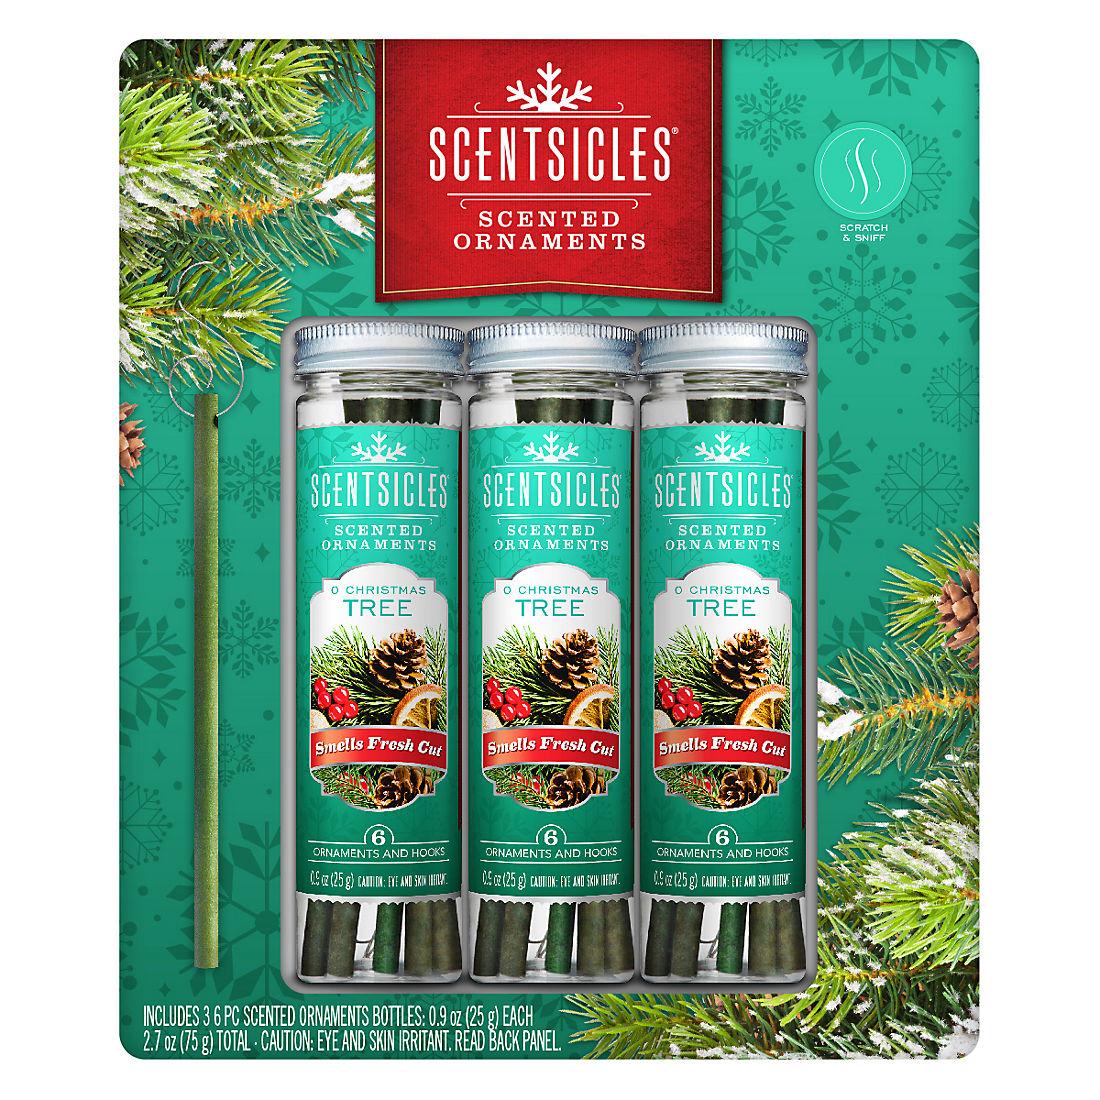 Scentsicles Tree Ornament White Winter Fir Bottle Pack of 6